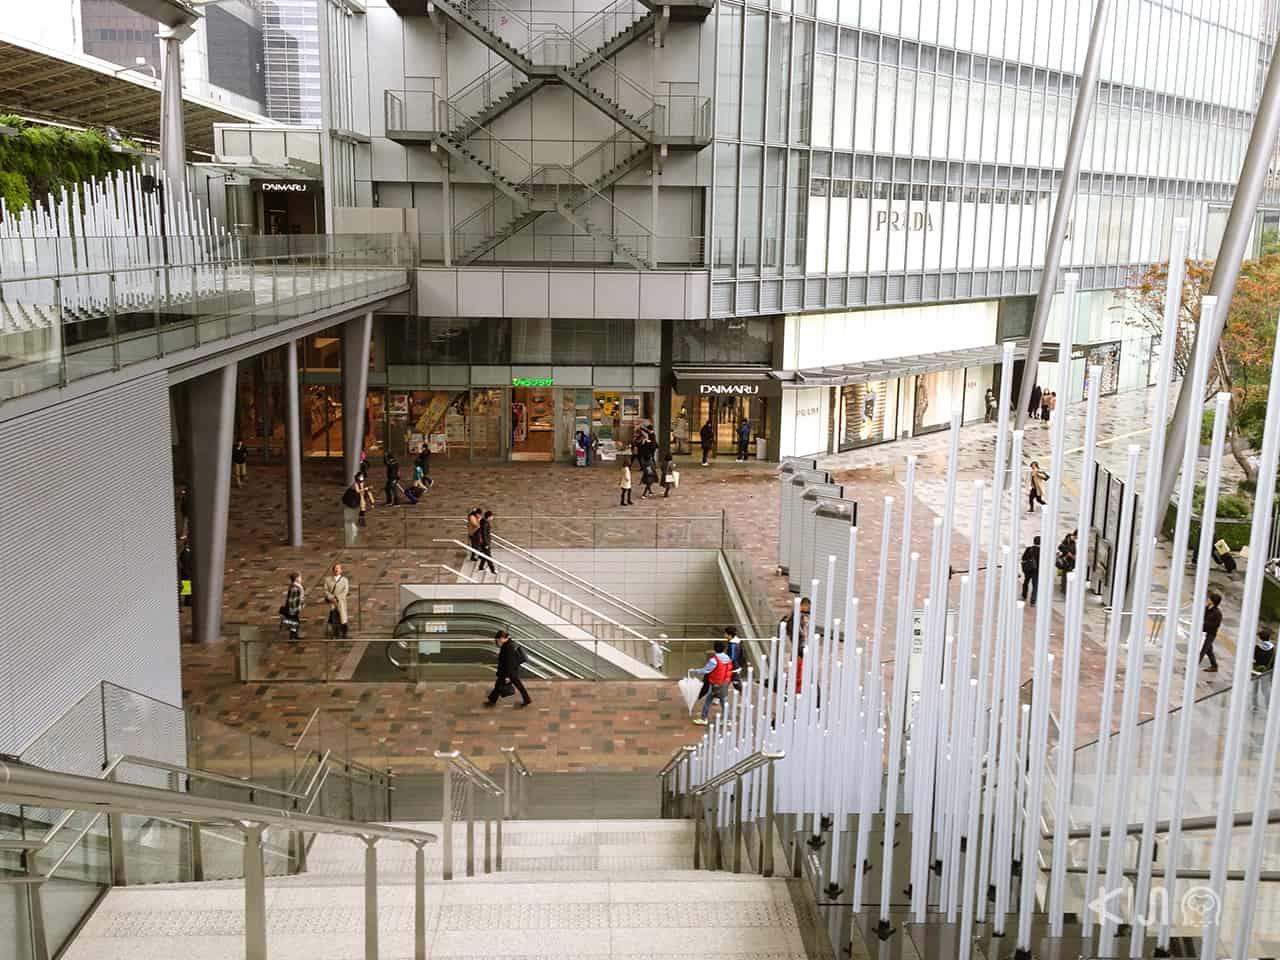 แหล่งช็อปปิ้งในสถานีรถไฟโตเกียว (Tokyo station)